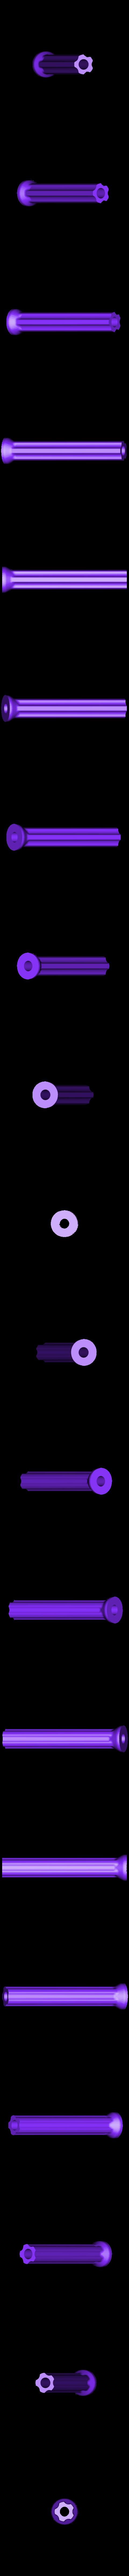 Street_Sign_Pole_3.STL Download free STL file Sesame Street Sign • 3D printing model, enzordplst